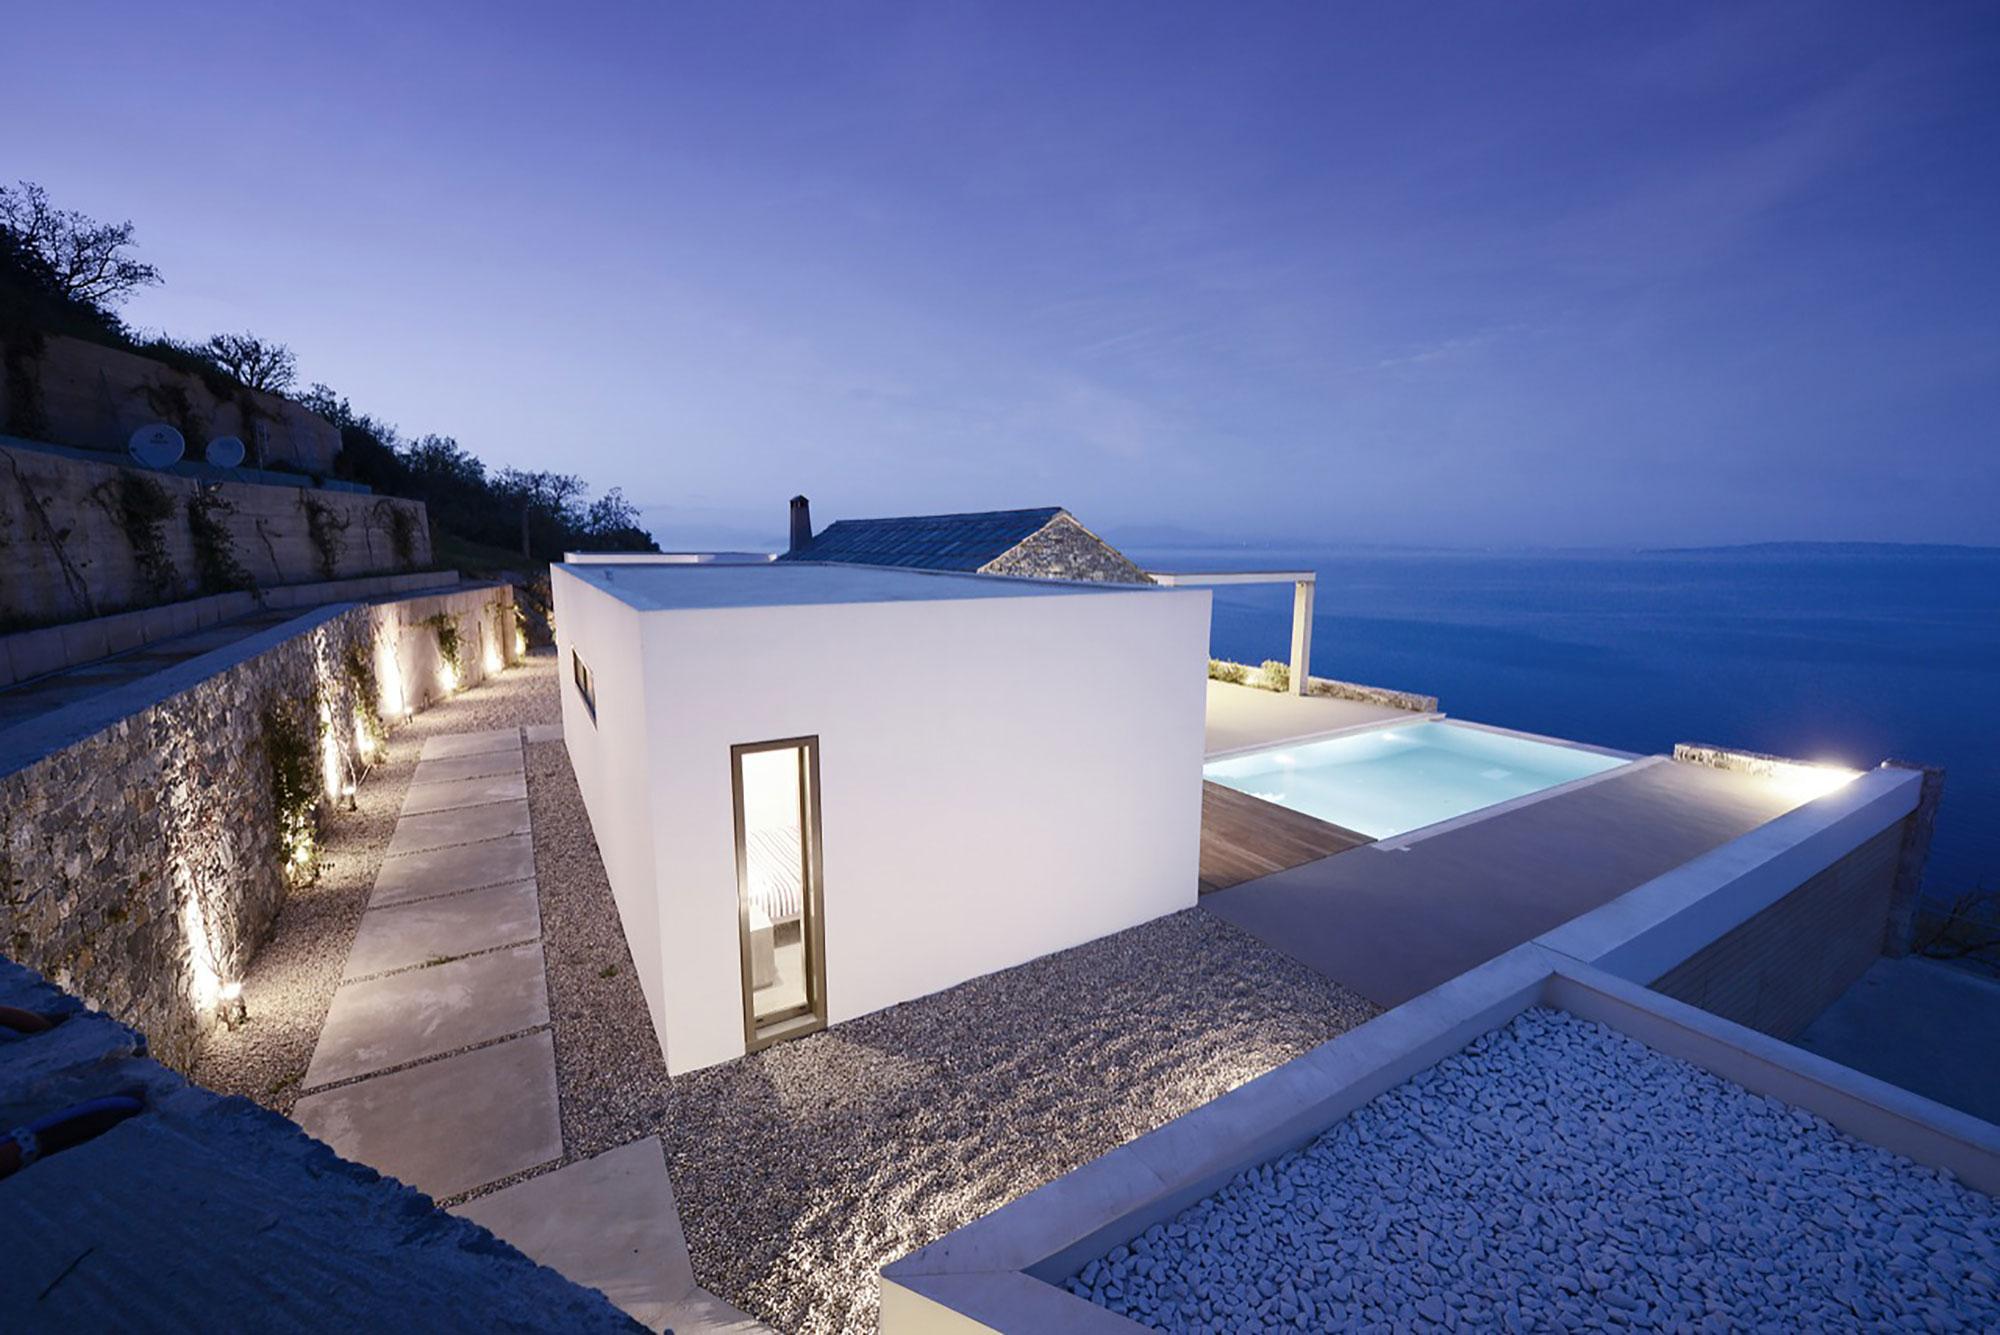 Melana Residence by Valia Foufa & Panagiotis Papassotiriou-13